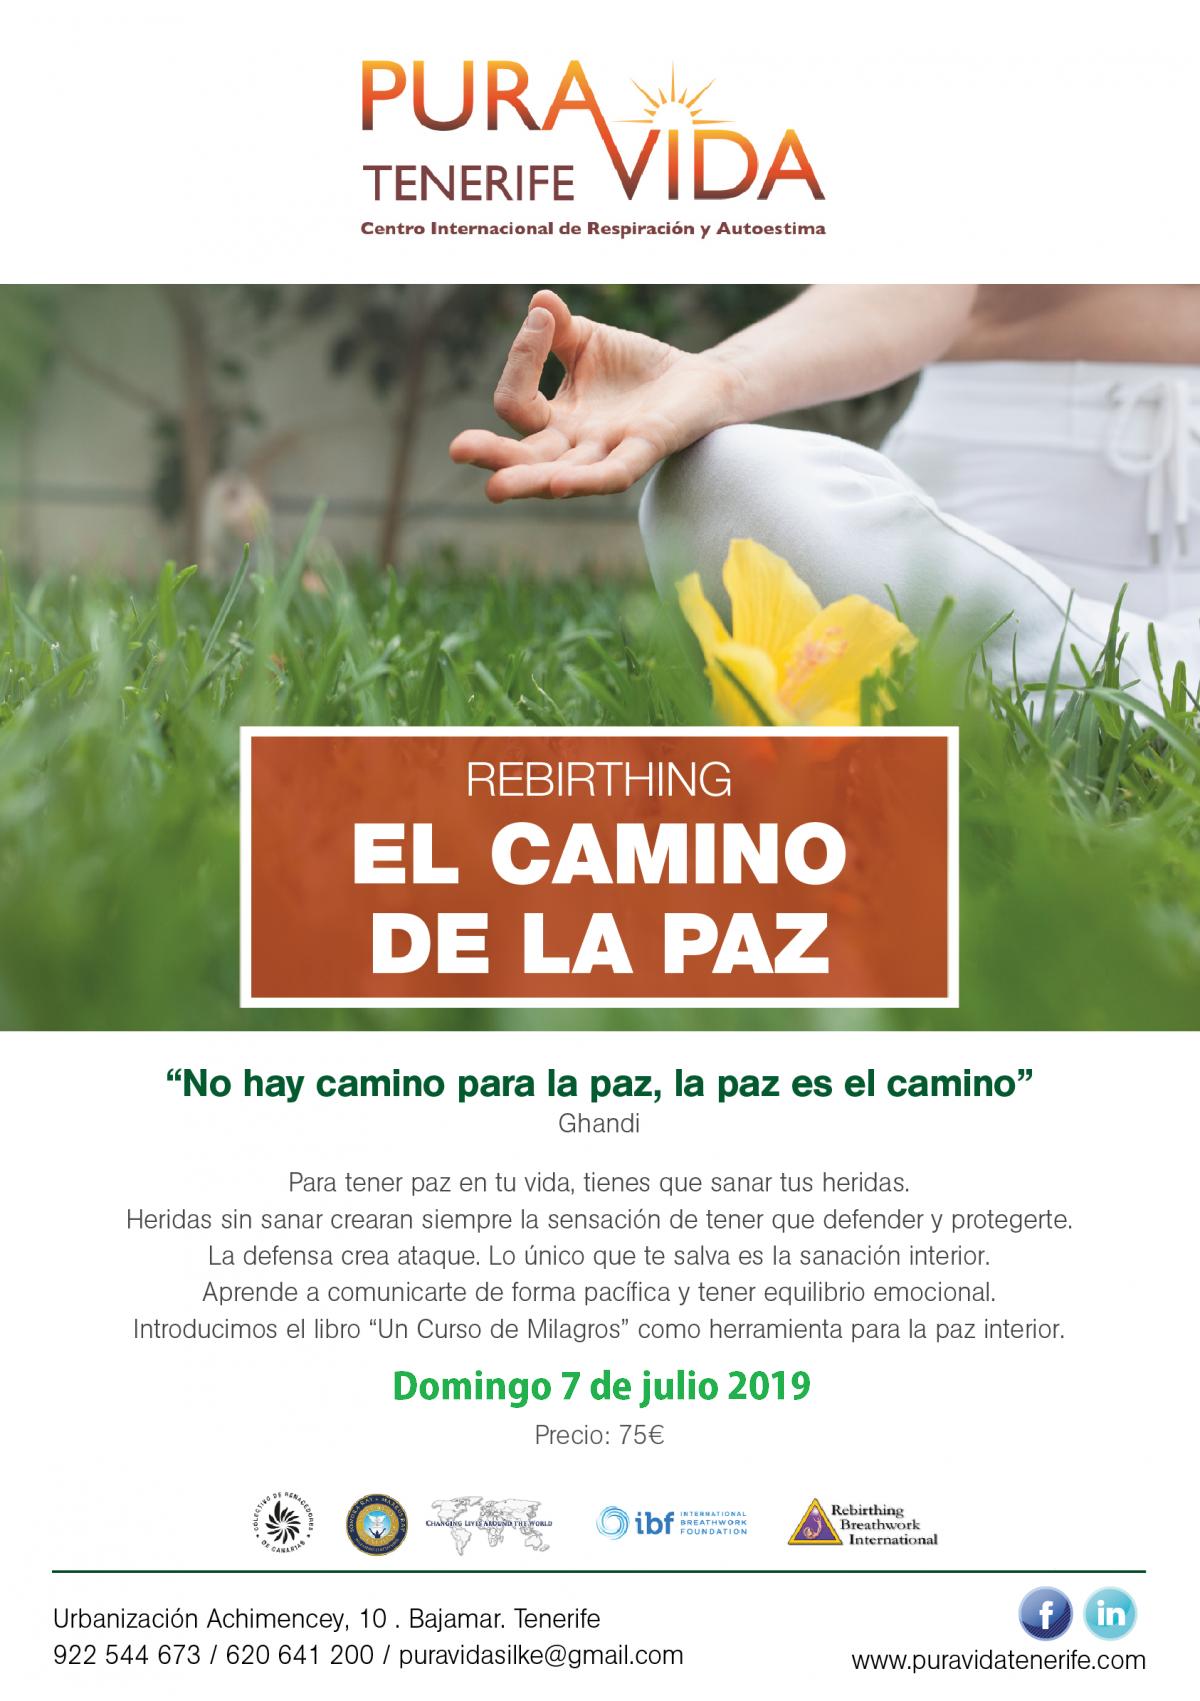 CURSO REBIRTHING EL CAMINO DE LA PAZ